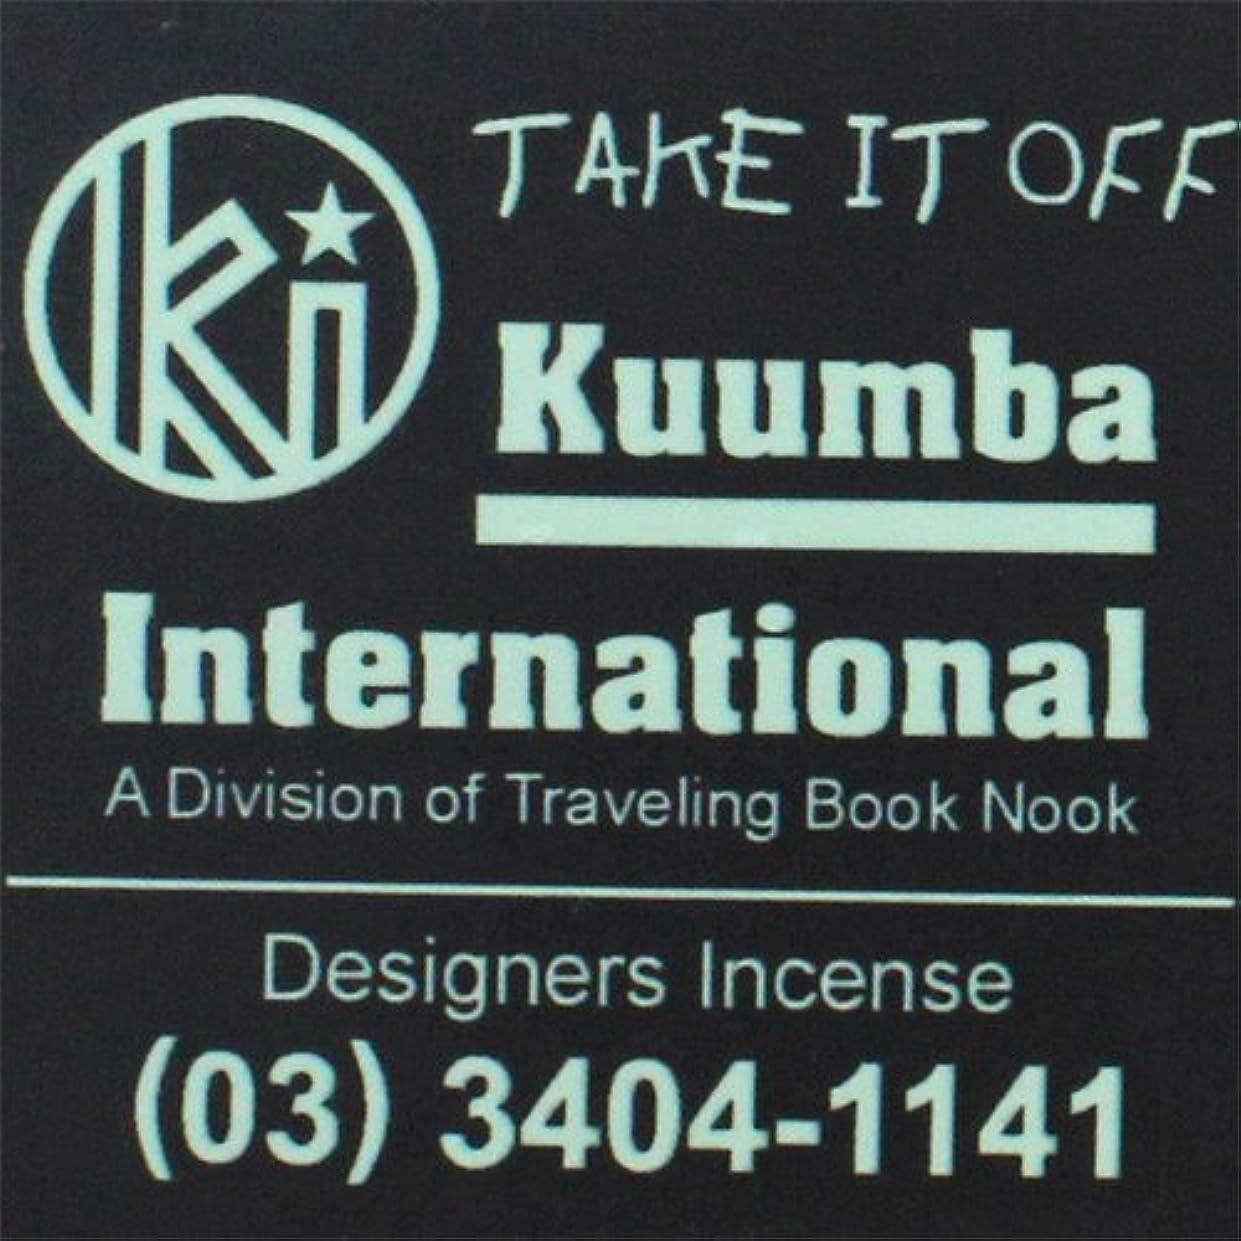 閉塞シャックル肉KUUMBA / クンバ『incense』(TAKE IT OFF) (Regular size)